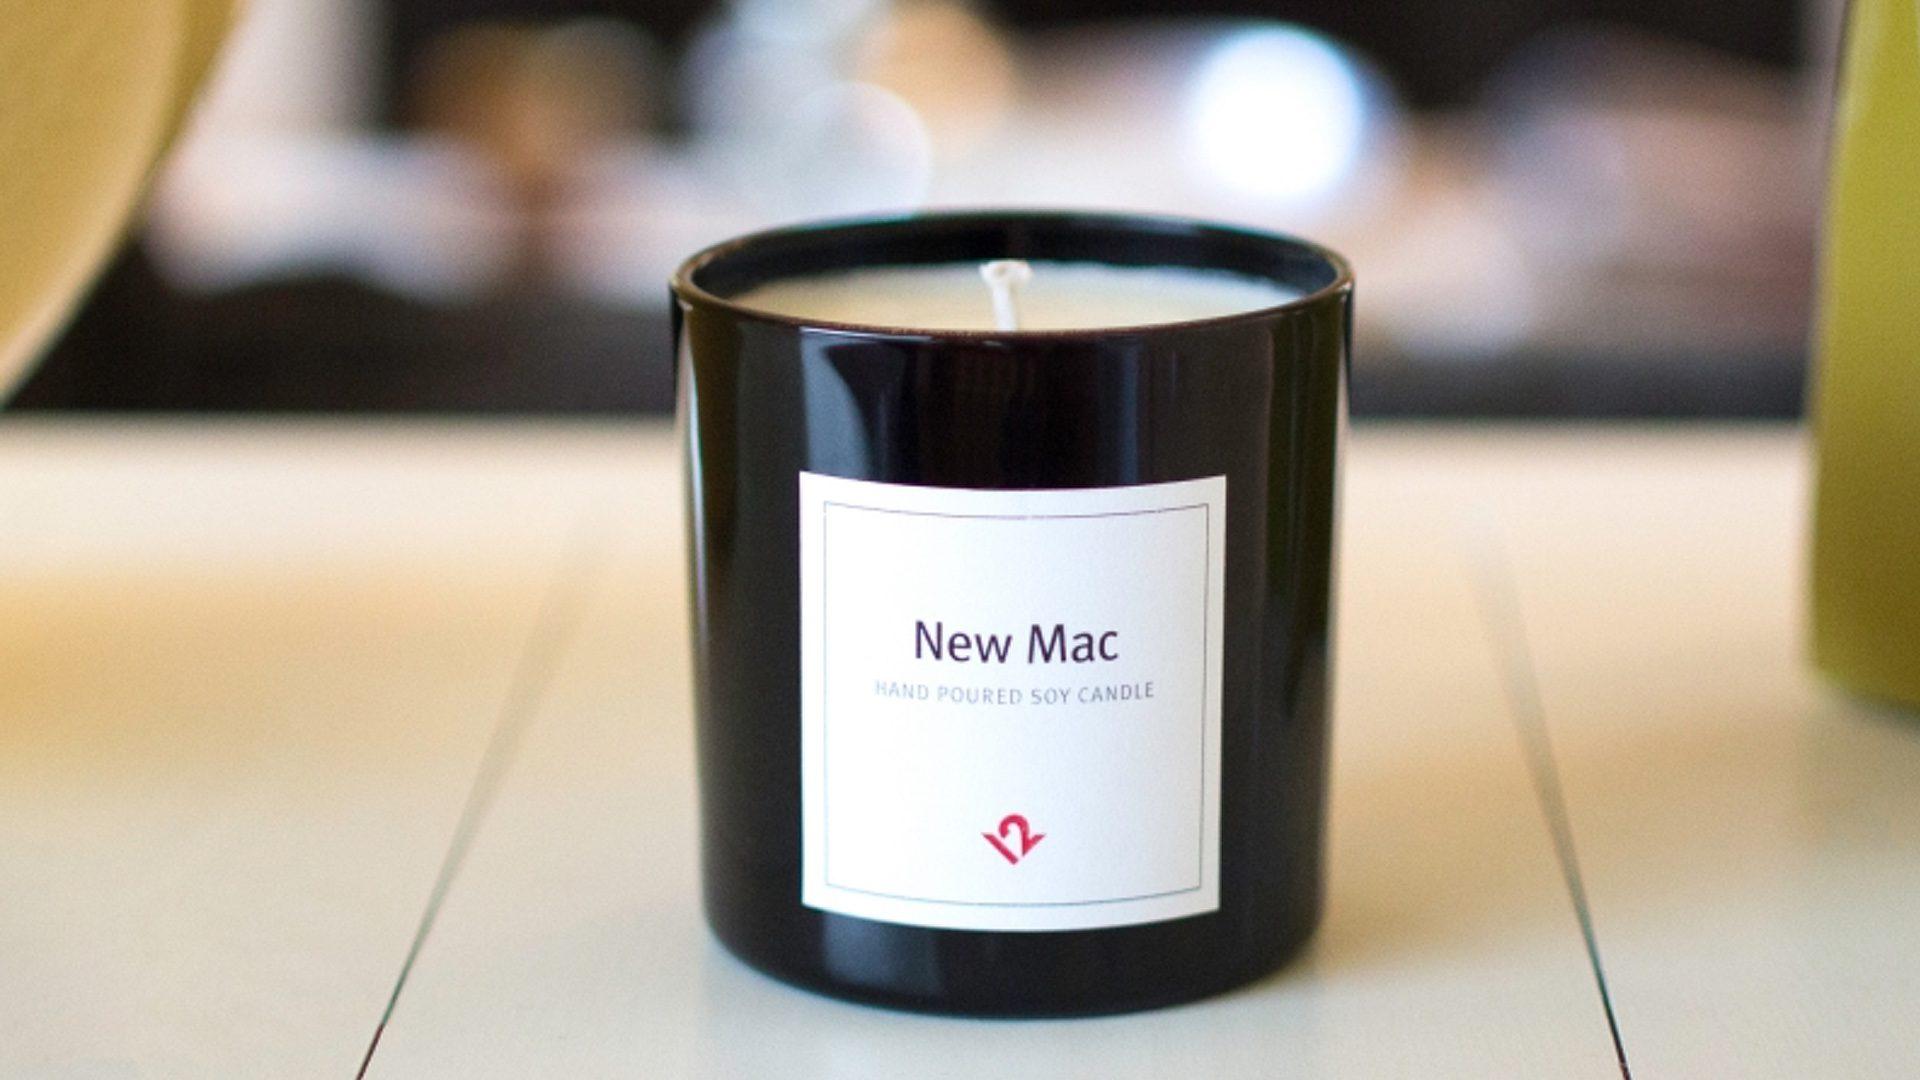 New Mac, la candela che profuma di Mac